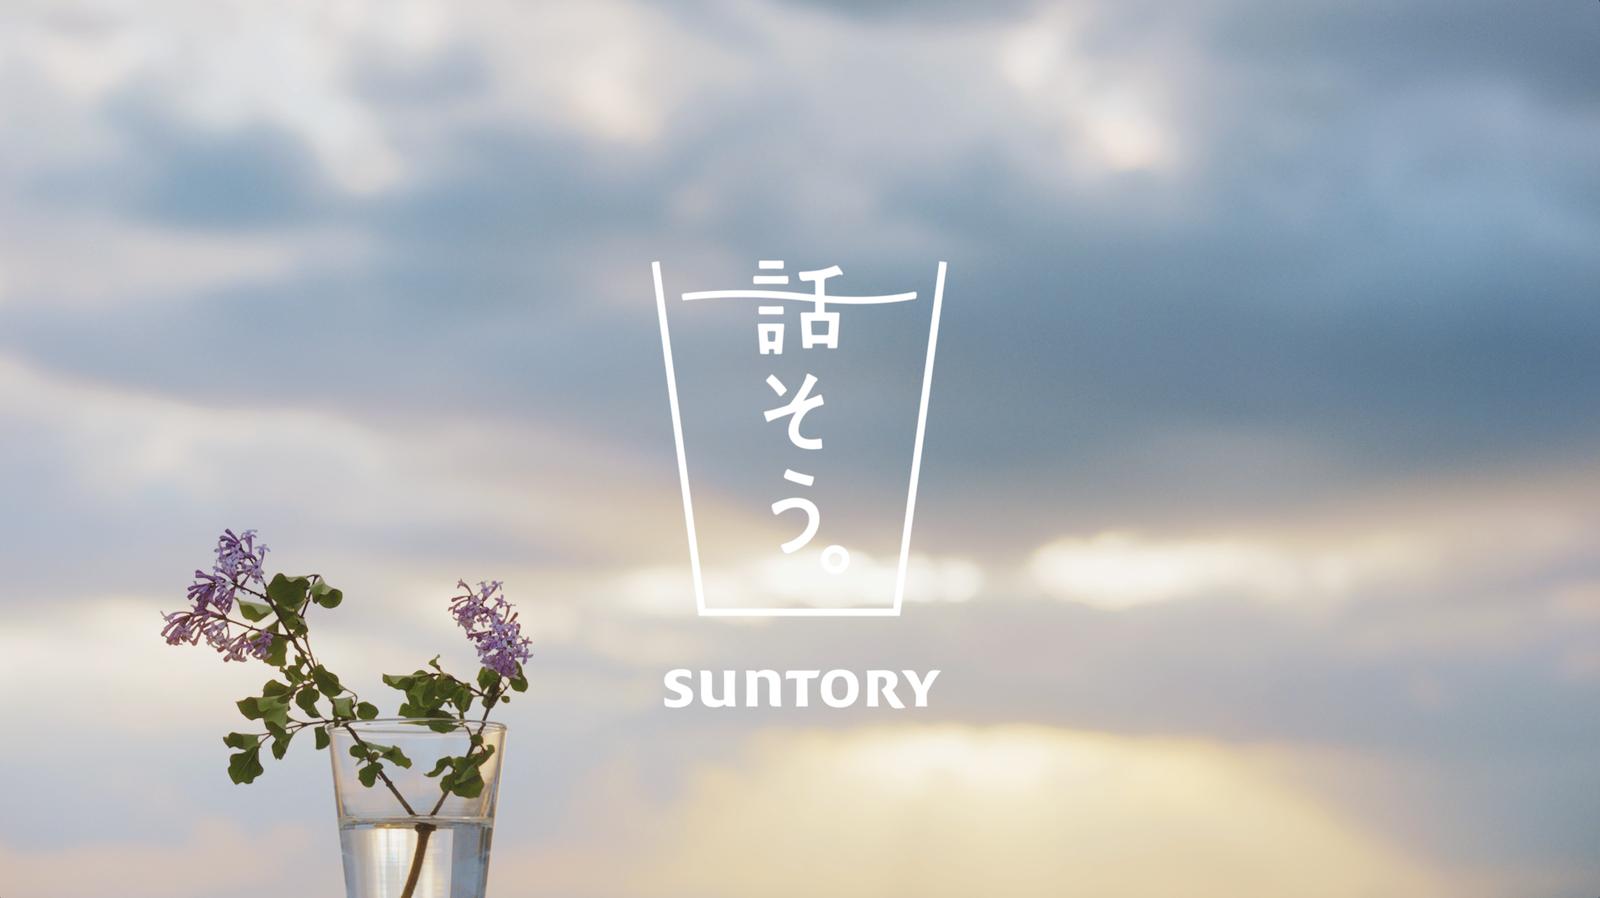 https://dentsulab.tokyo/works/wp-content/uploads/sites/3/2020/09/suntory_hanasou_4.png